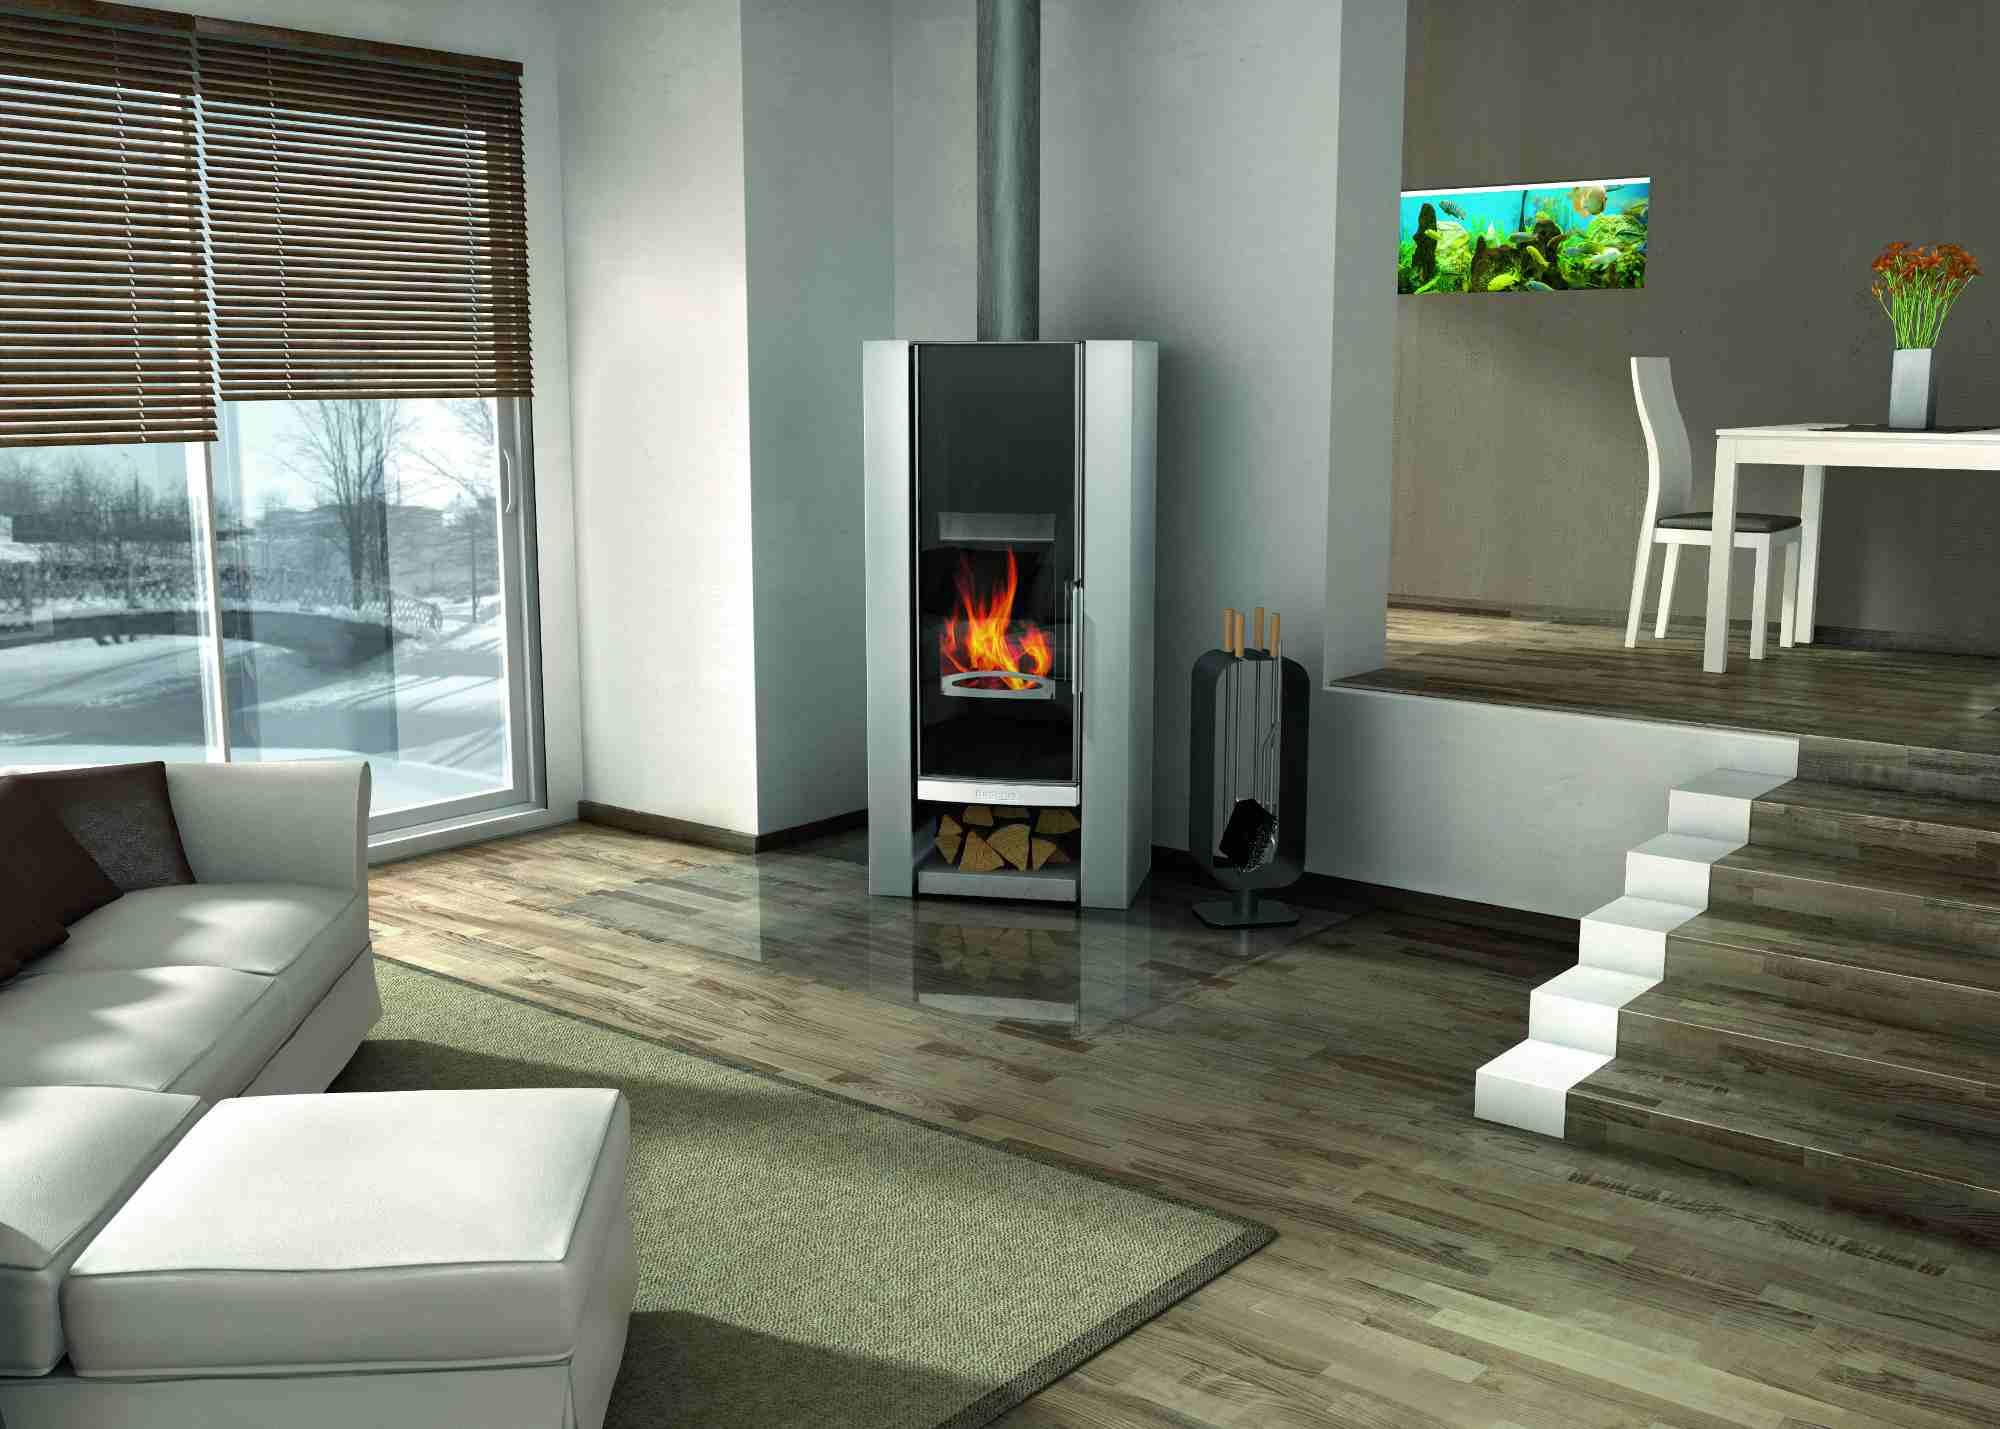 pelletheizung vor und nachteile effizienzhaus online. Black Bedroom Furniture Sets. Home Design Ideas